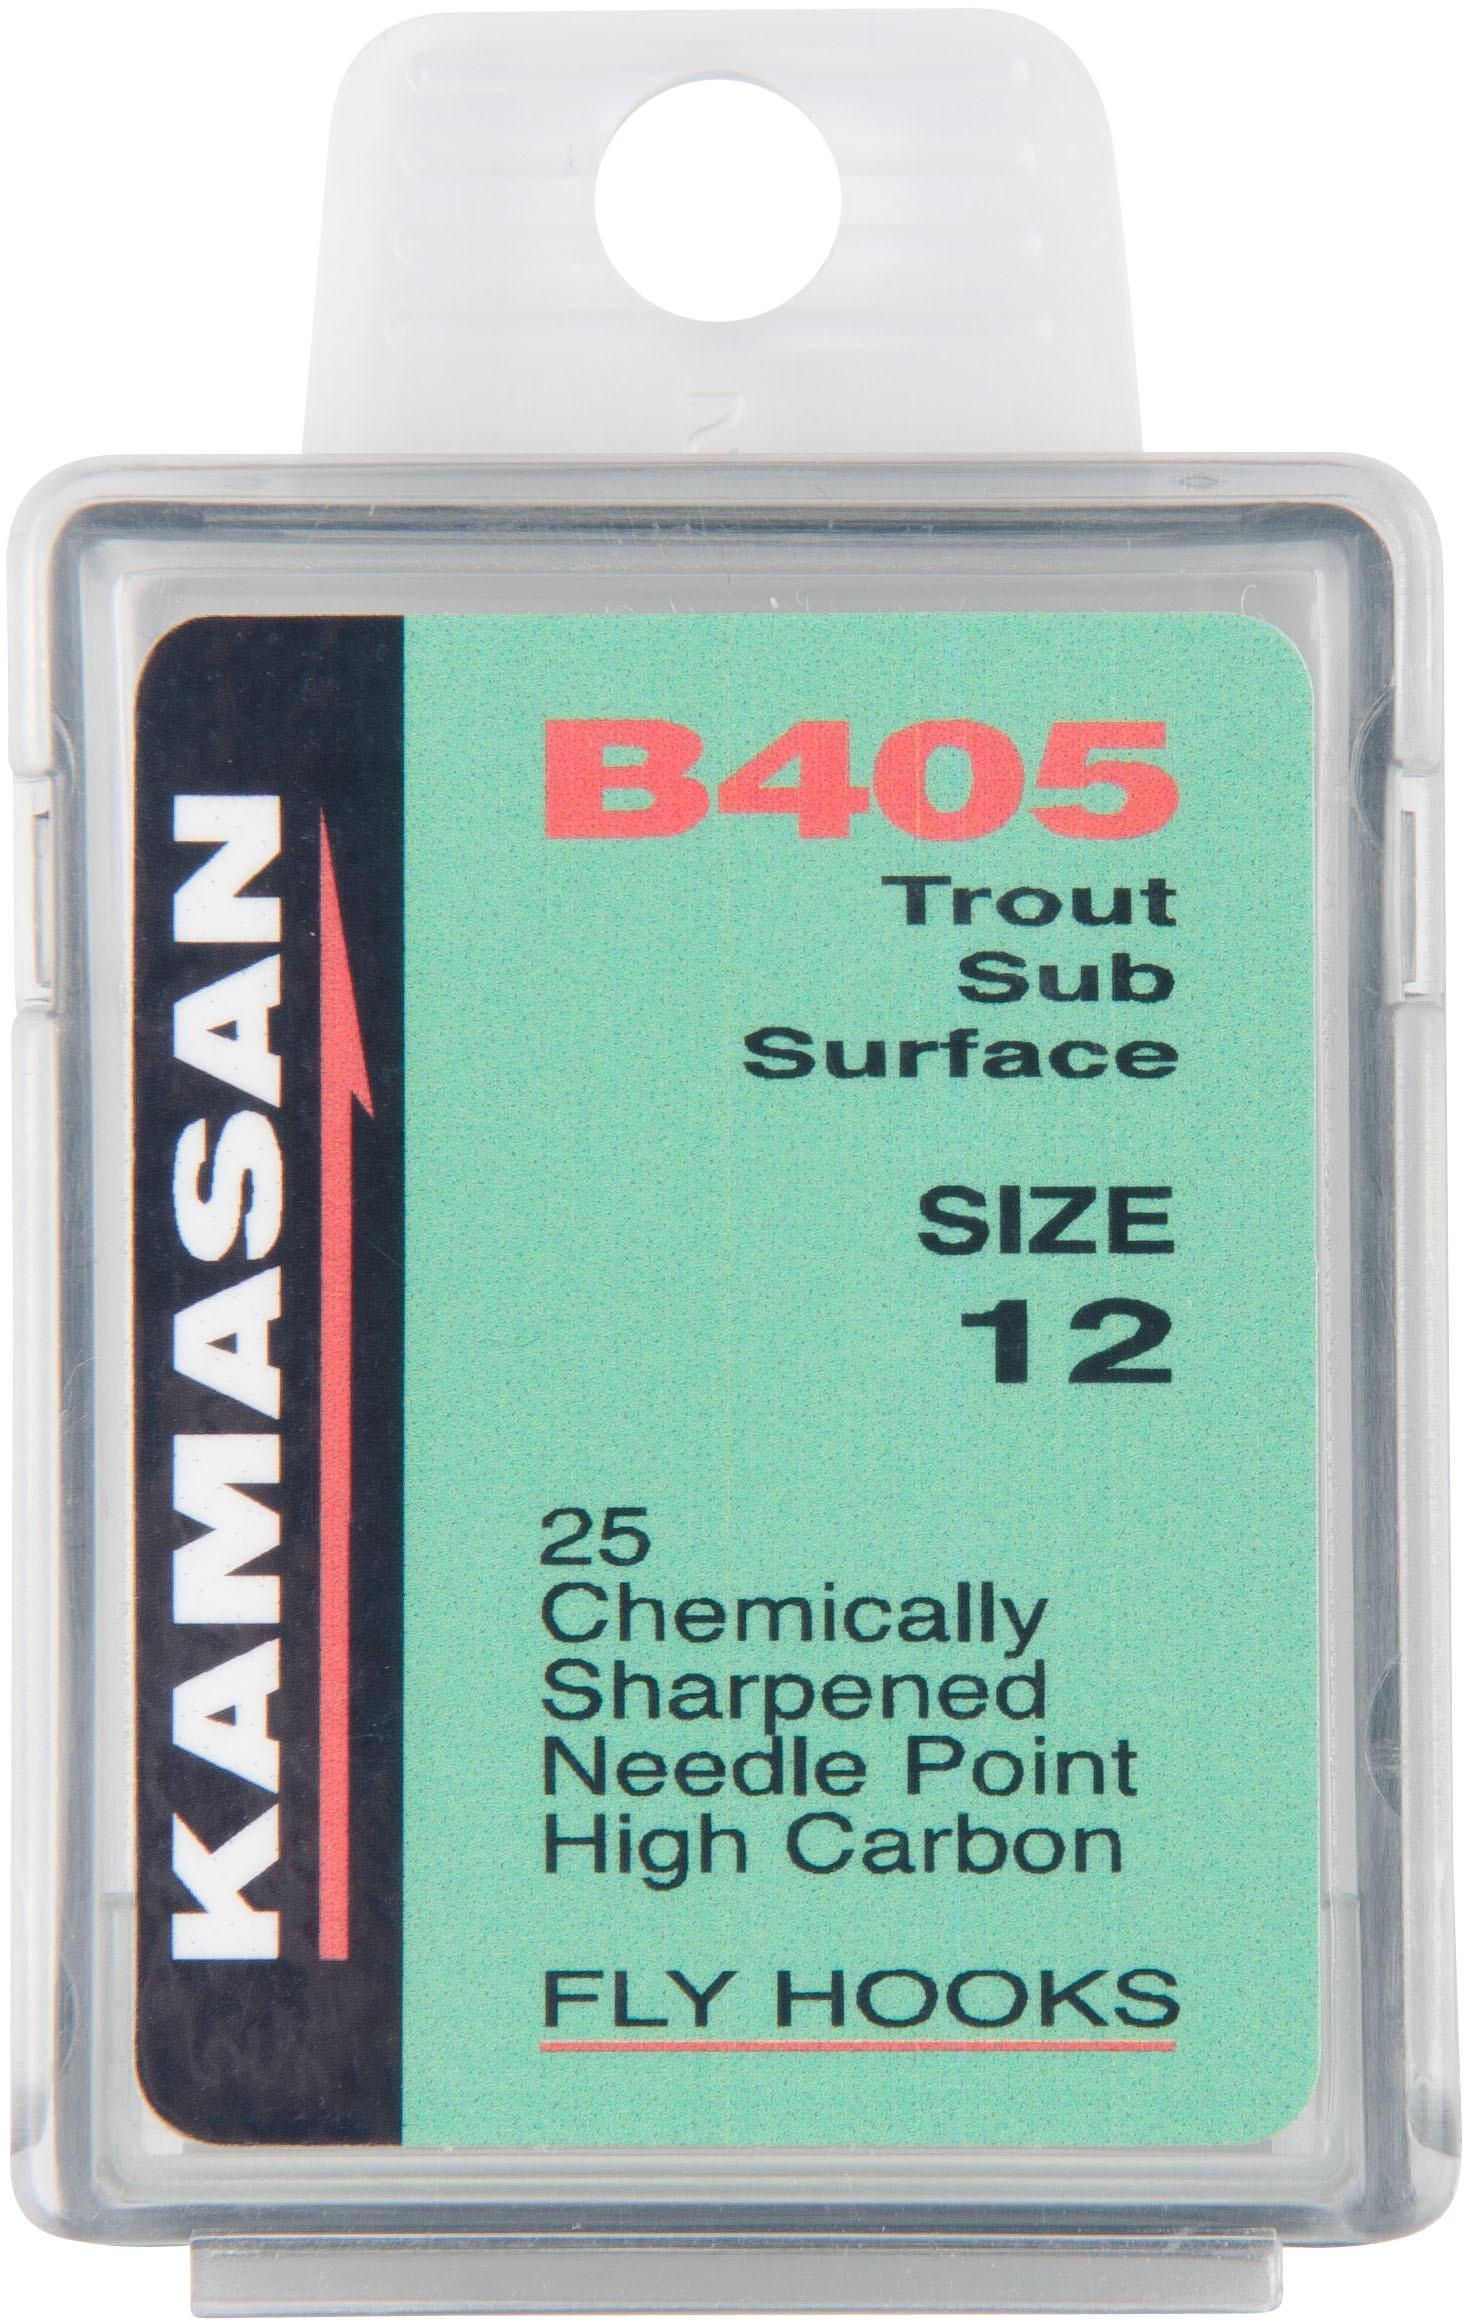 Kamasan B405 Trout Fly Hooks (Size 12)